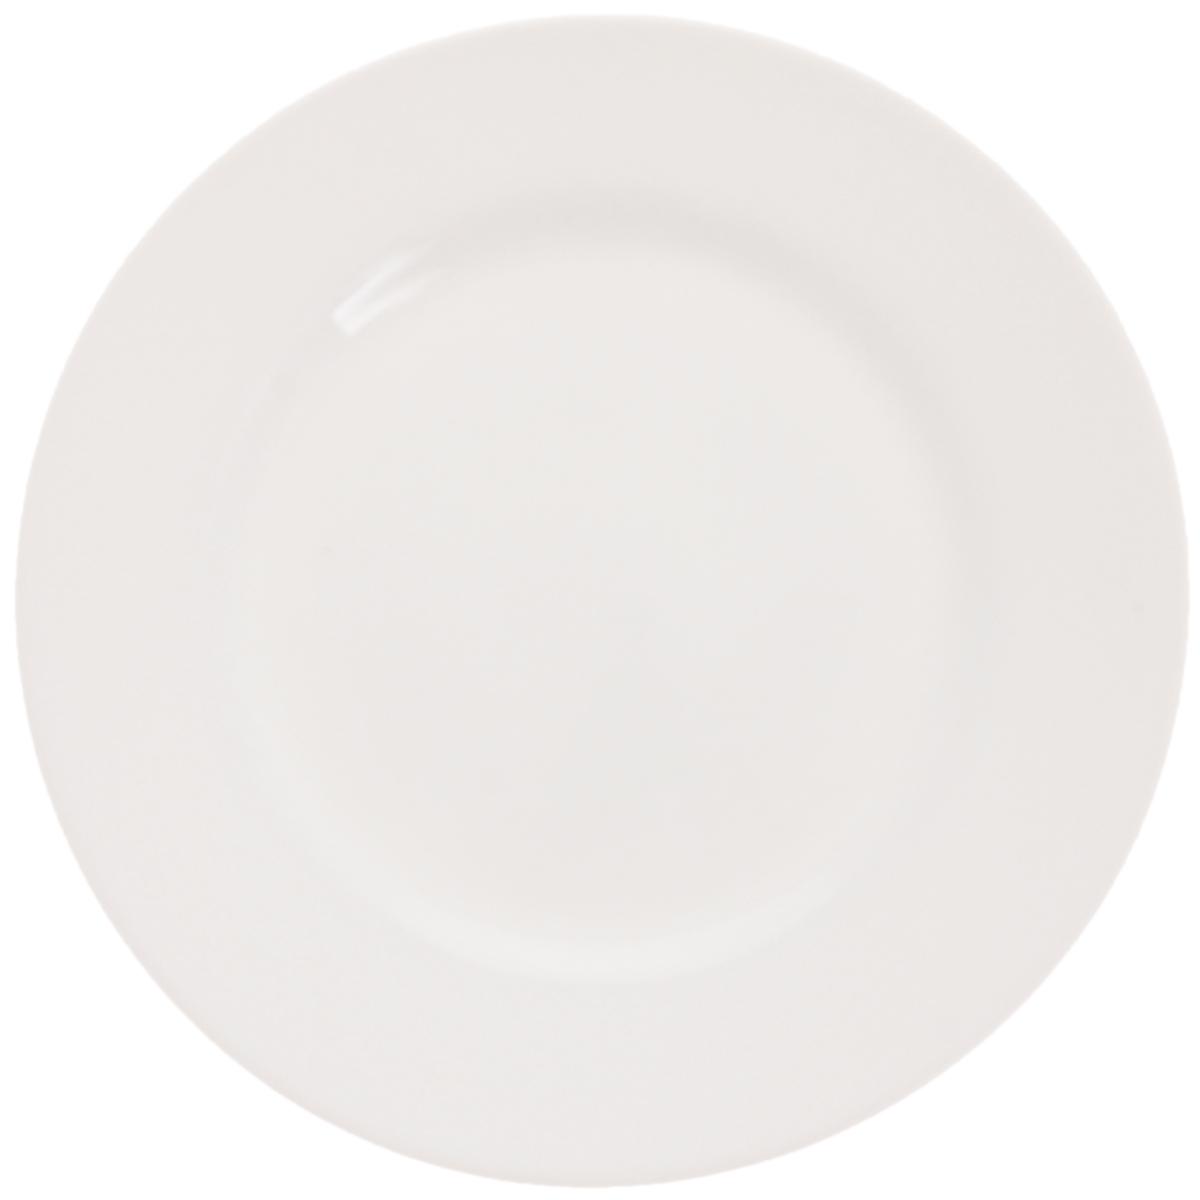 Тарелка десертная Luminarc Everyday, диаметр 19 см54 009312Десертная тарелка Luminarc Everyday выполнена из ударопрочного стекла. Дизайн придется по вкусу и ценителям классики, и тем, кто предпочитает утонченность и изысканность. Изделие идеально подойдет для сервировки стола и станет отличным подарком к любому празднику.Можно использовать в СВЧ-печи и мыть в посудомоечной машине. Диаметр (по верхнему краю): 19 см.